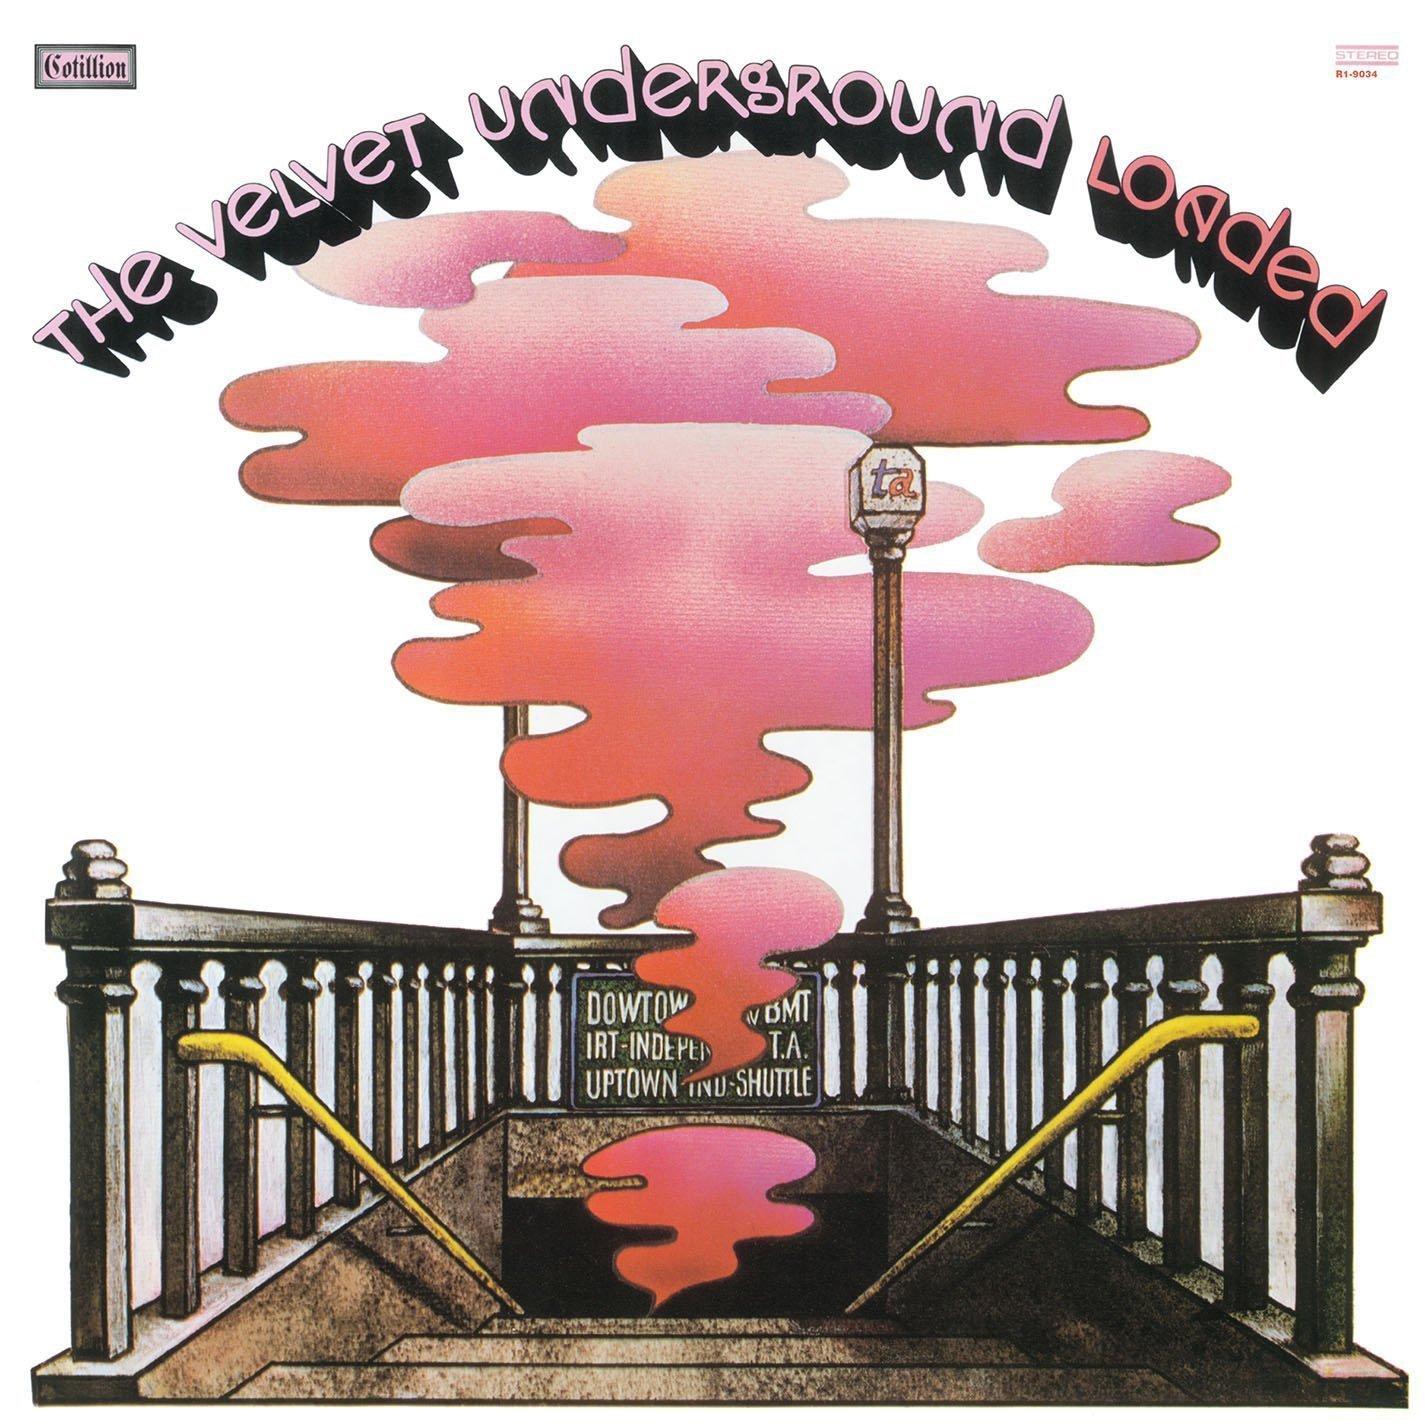 The Velvet UndergroundВиниловые пластинки<br>Виниловая пластинка<br>